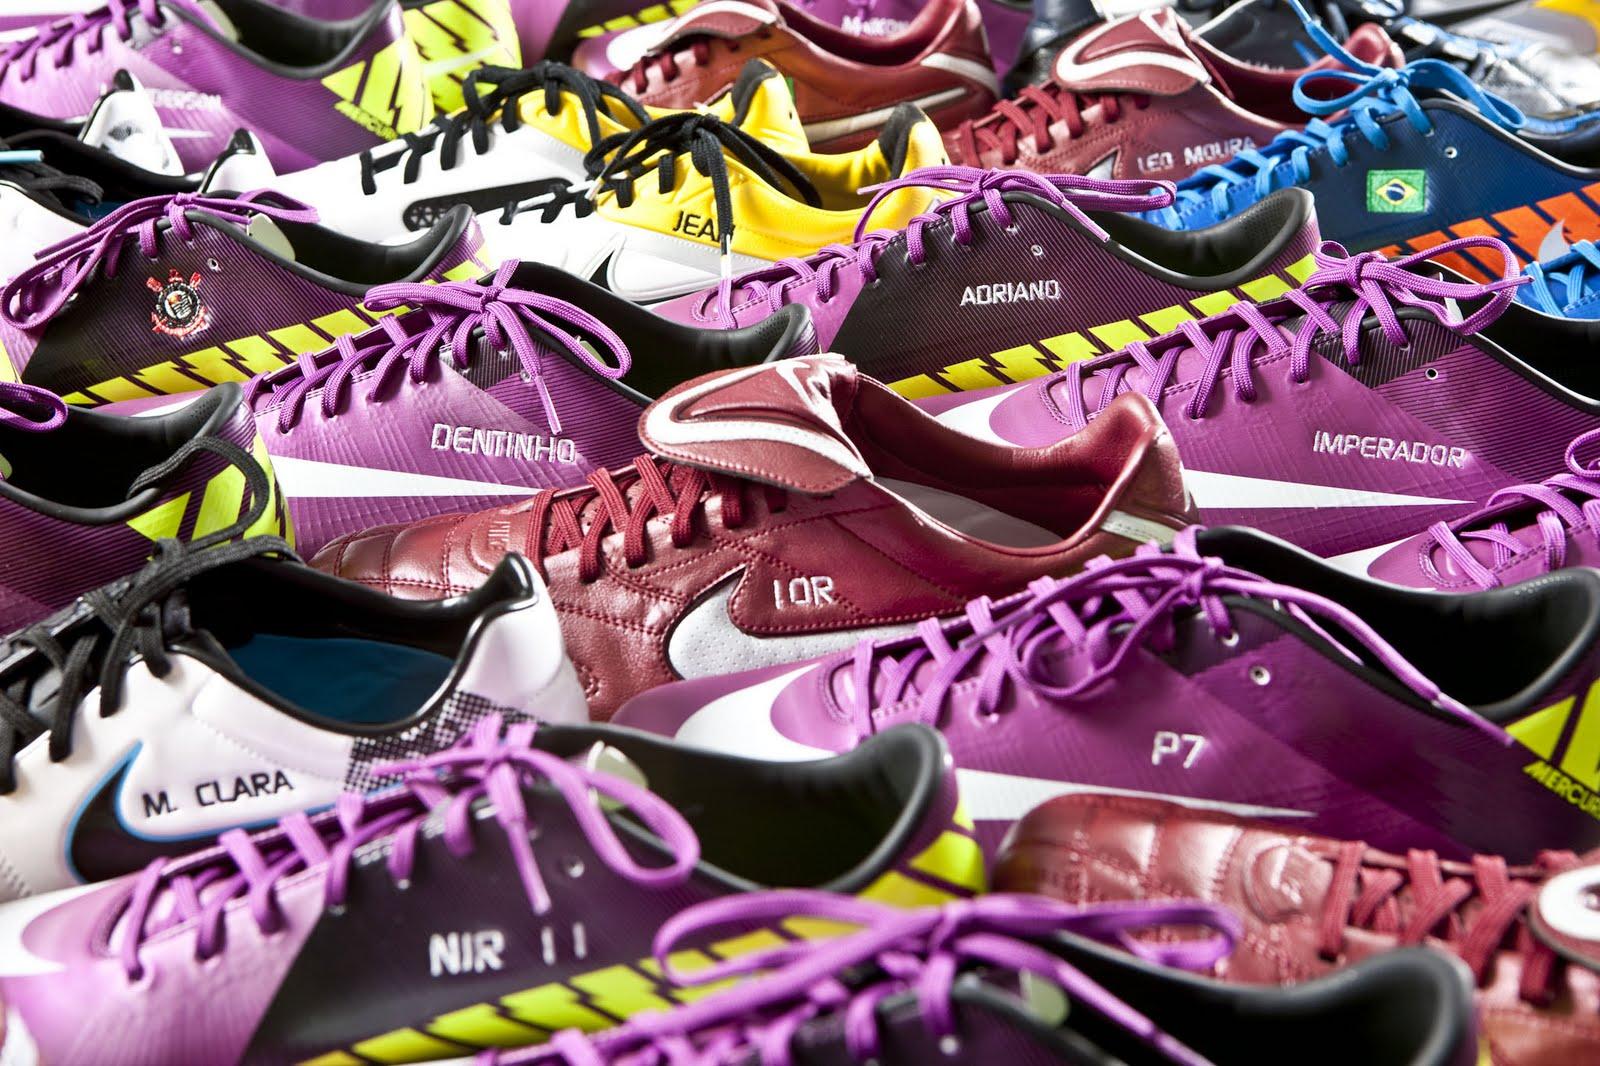 1da78d9216 WESPORTES.net  Chuteiras personalizadas são a nova moda no futebol